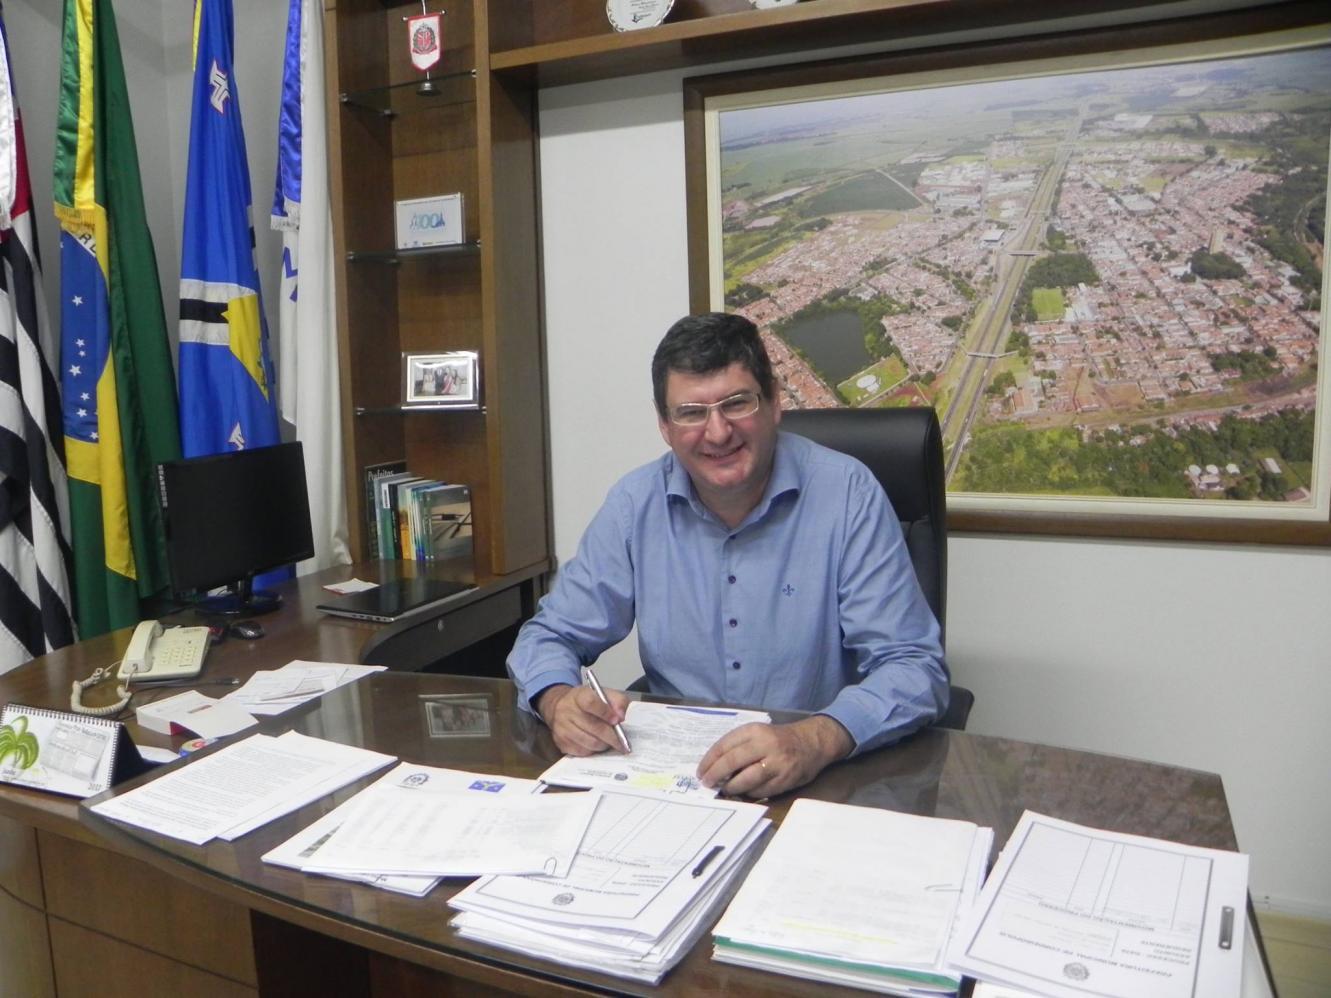 Prefeito de Cordeirópolis está em 2° lugar no ranking dos prefeitos mais próximos da população